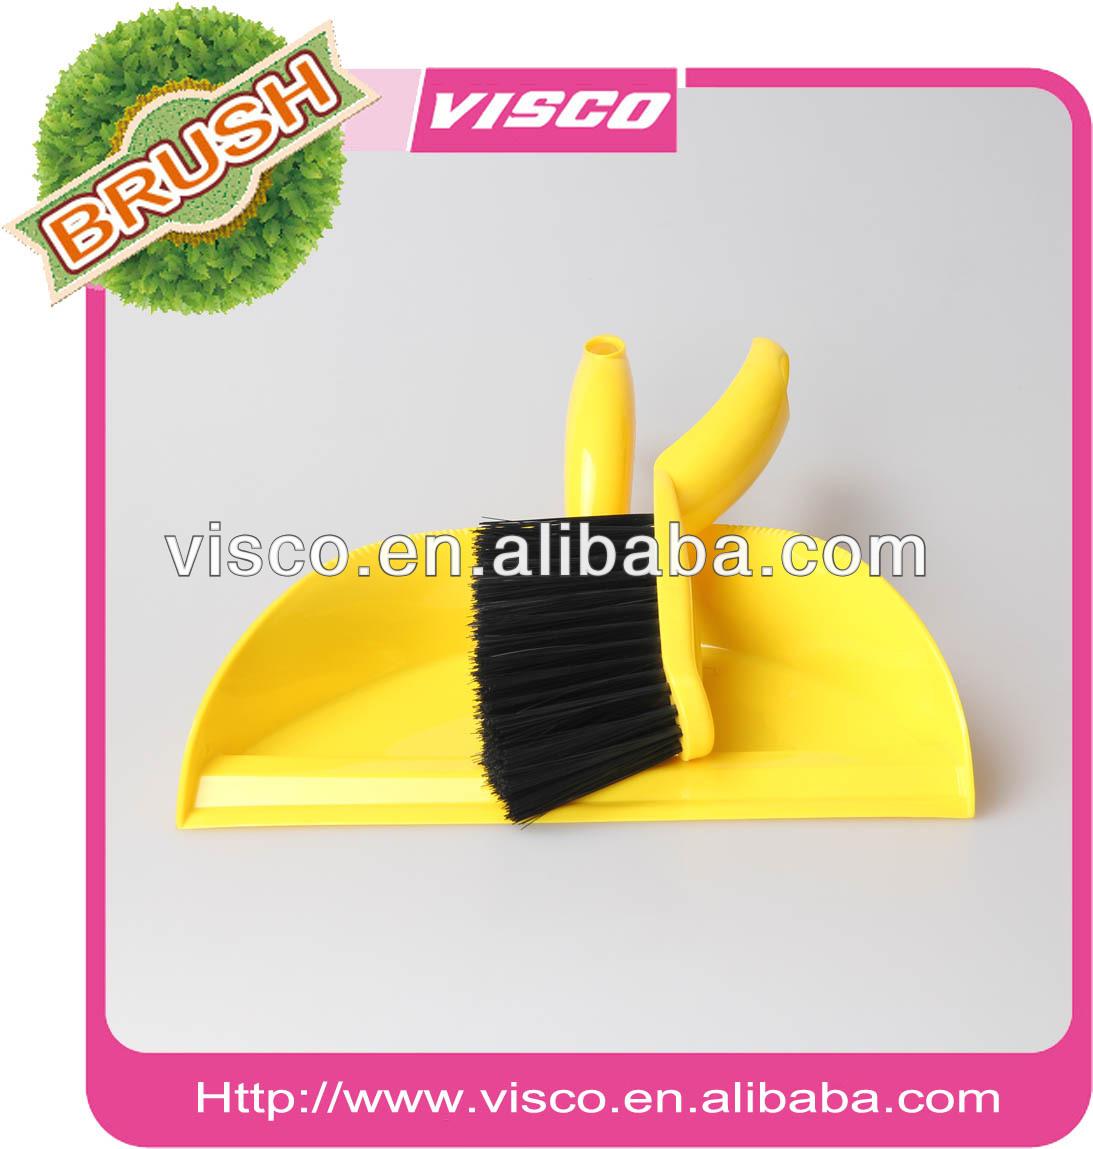 Awesome Mini Table Dustpan Brush,Va124   Buy Mini Table Dustpan Brush,Dust Pan Brush  For Table,Dustpan U0026 Brush Set For Table Product On Alibaba.com